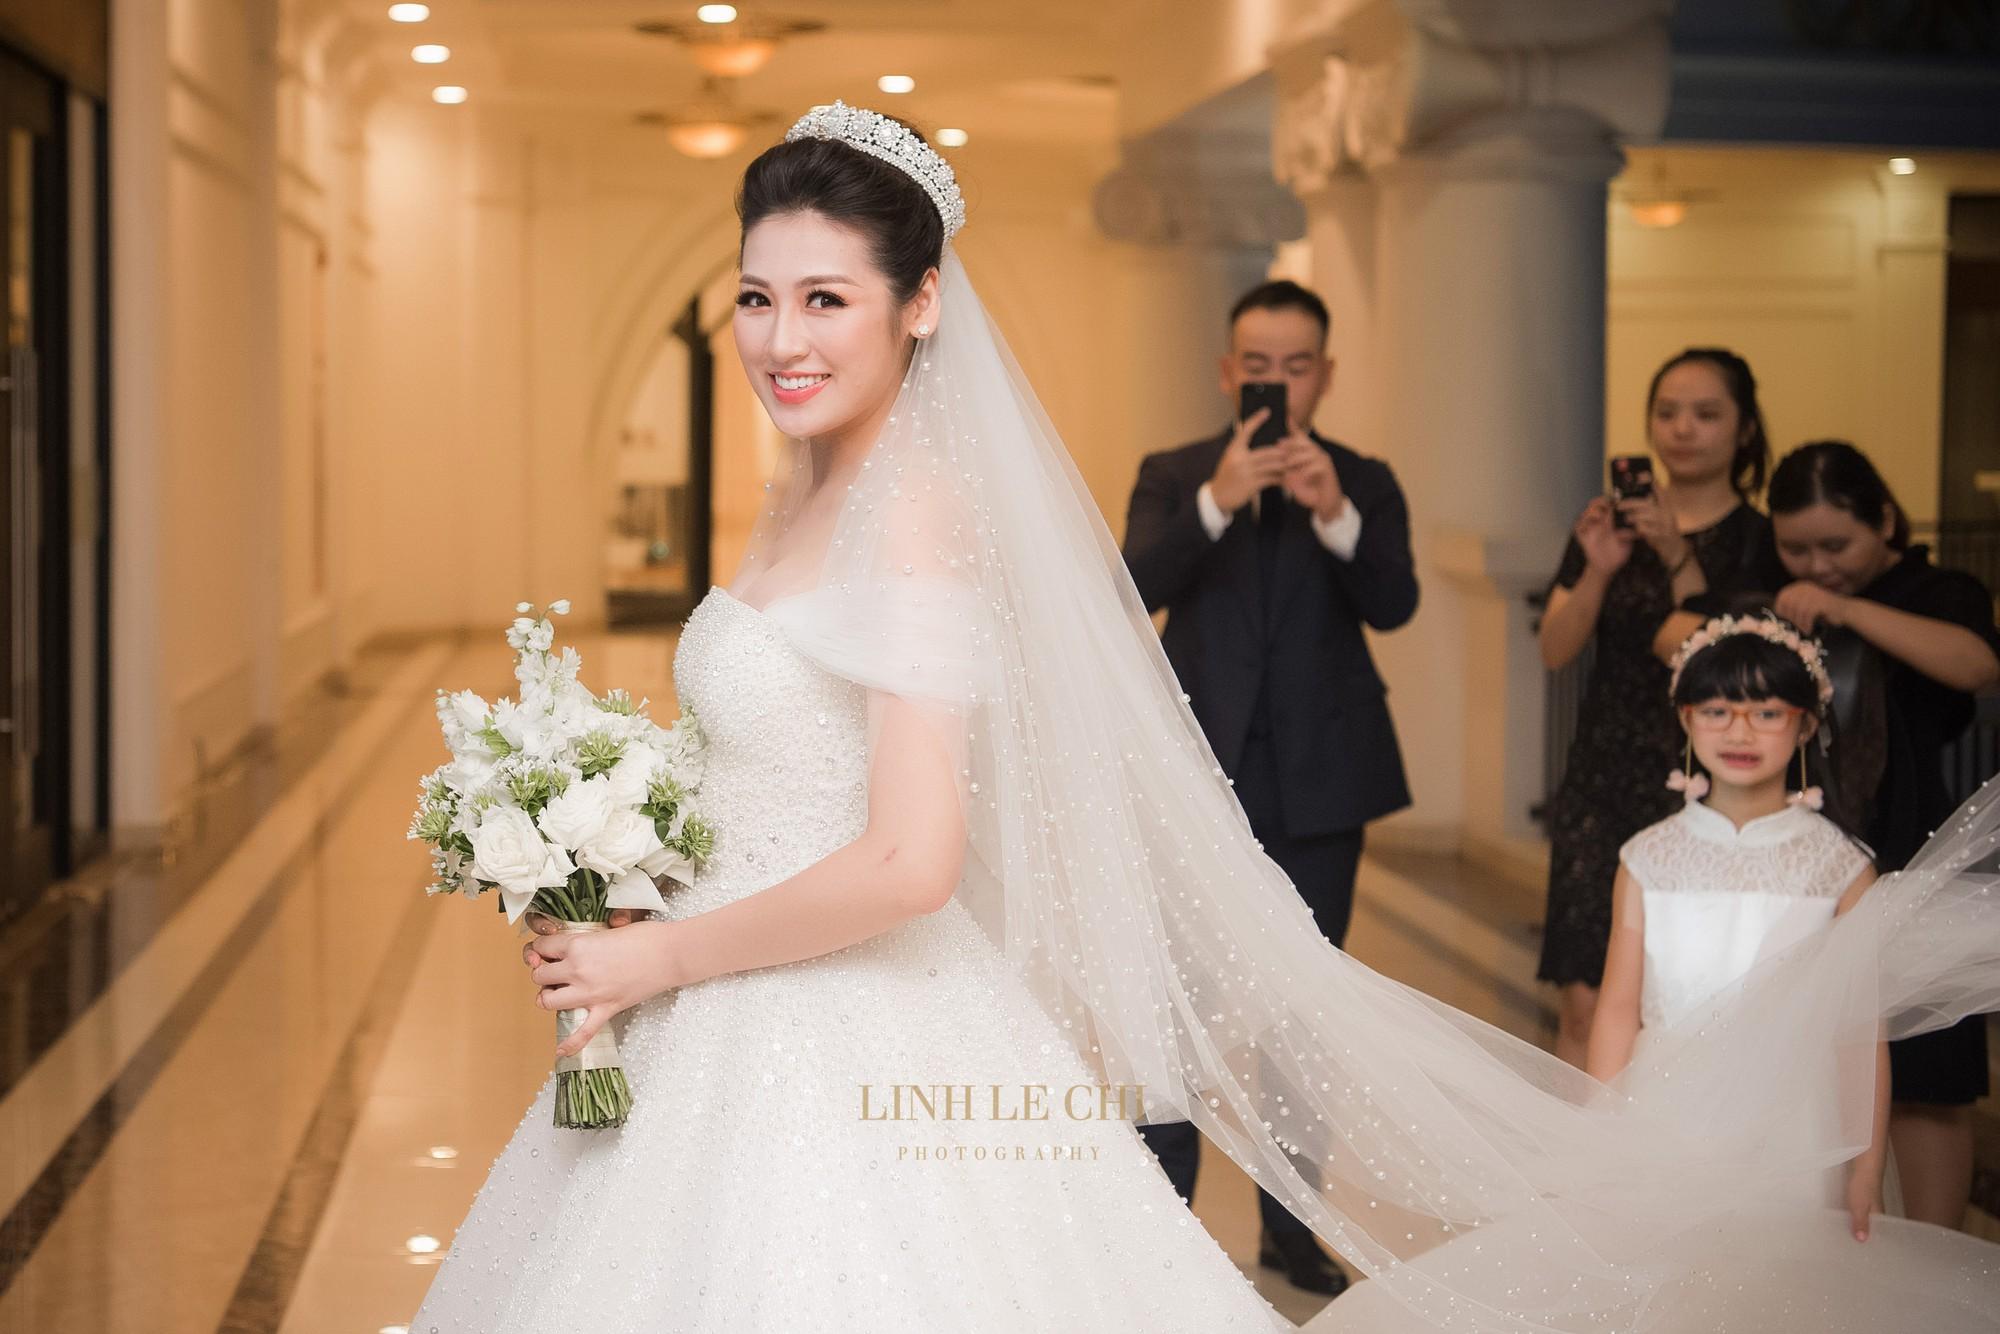 Ảnh đẹp: Á hậu Tú Anh nũng nịu ôm chặt ông xã trong tiệc cưới sang trọng ở Hà Nội - Ảnh 19.